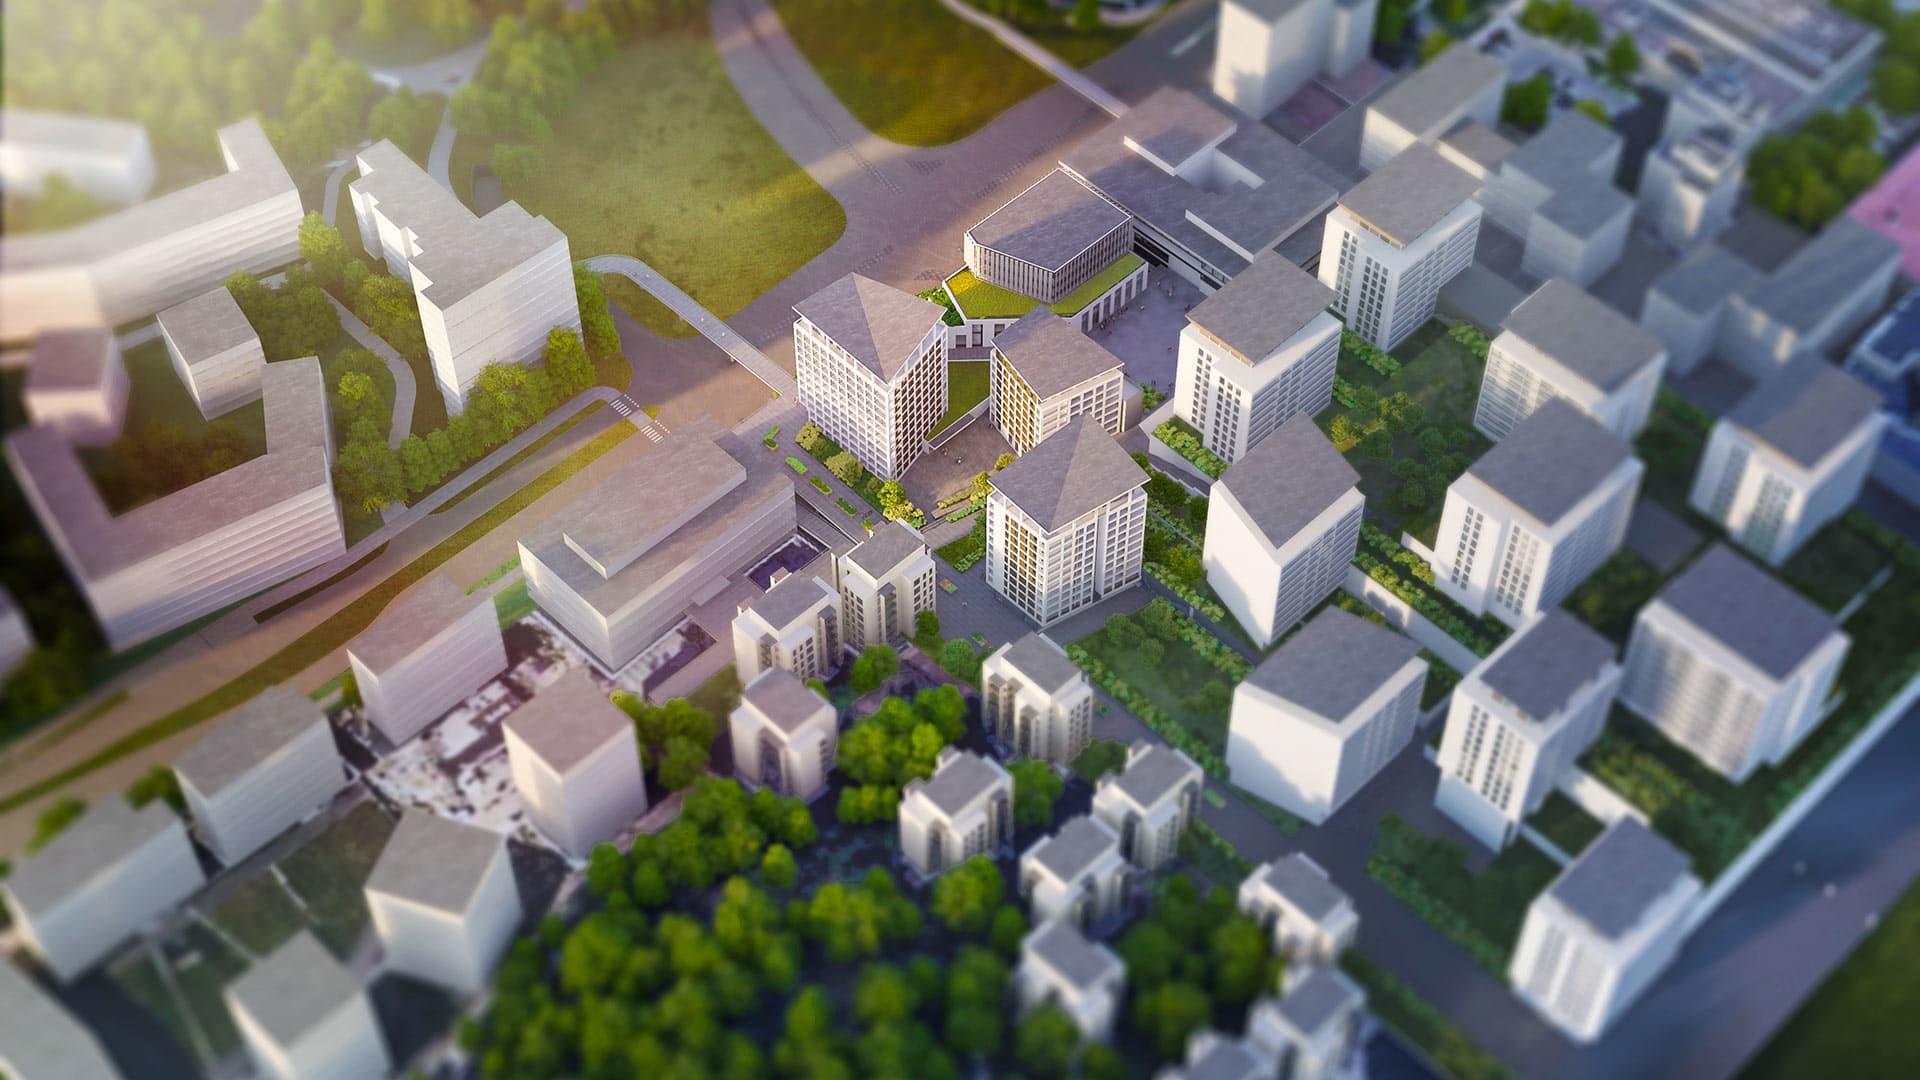 Tuultenristi on uusi asuinalue huippupaikalla Tapiolan keskustassa loistavien kulkuyhteyksien ja palveluiden vieressä.